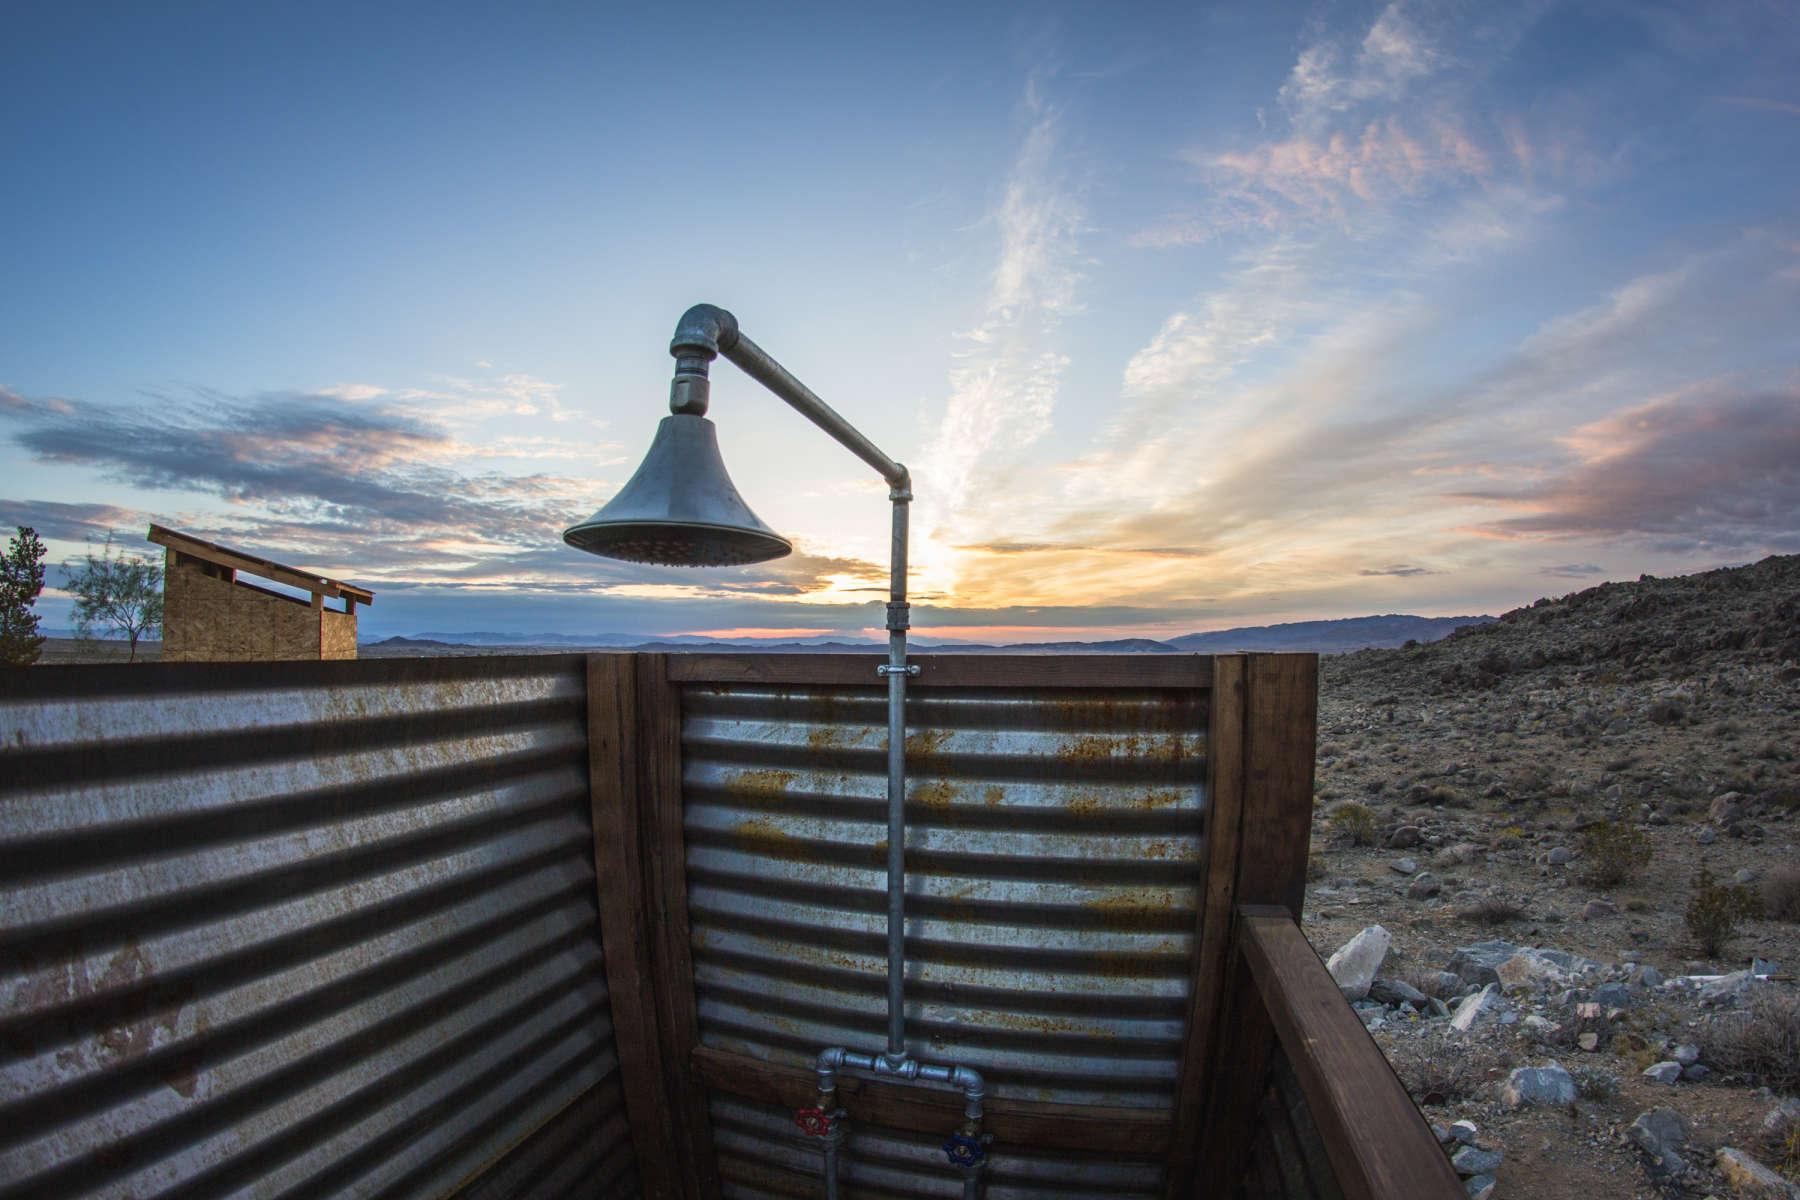 Amazing Mountain Majesty #6: ... B.u0027s Photo At Desert Mountain Majesty Ricky B.u0027s Photo At Desert Mountain  Majesty Ricky B.u0027s Photo At Desert Mountain Majesty Ricky B.u0027s Photo At  Desert ...